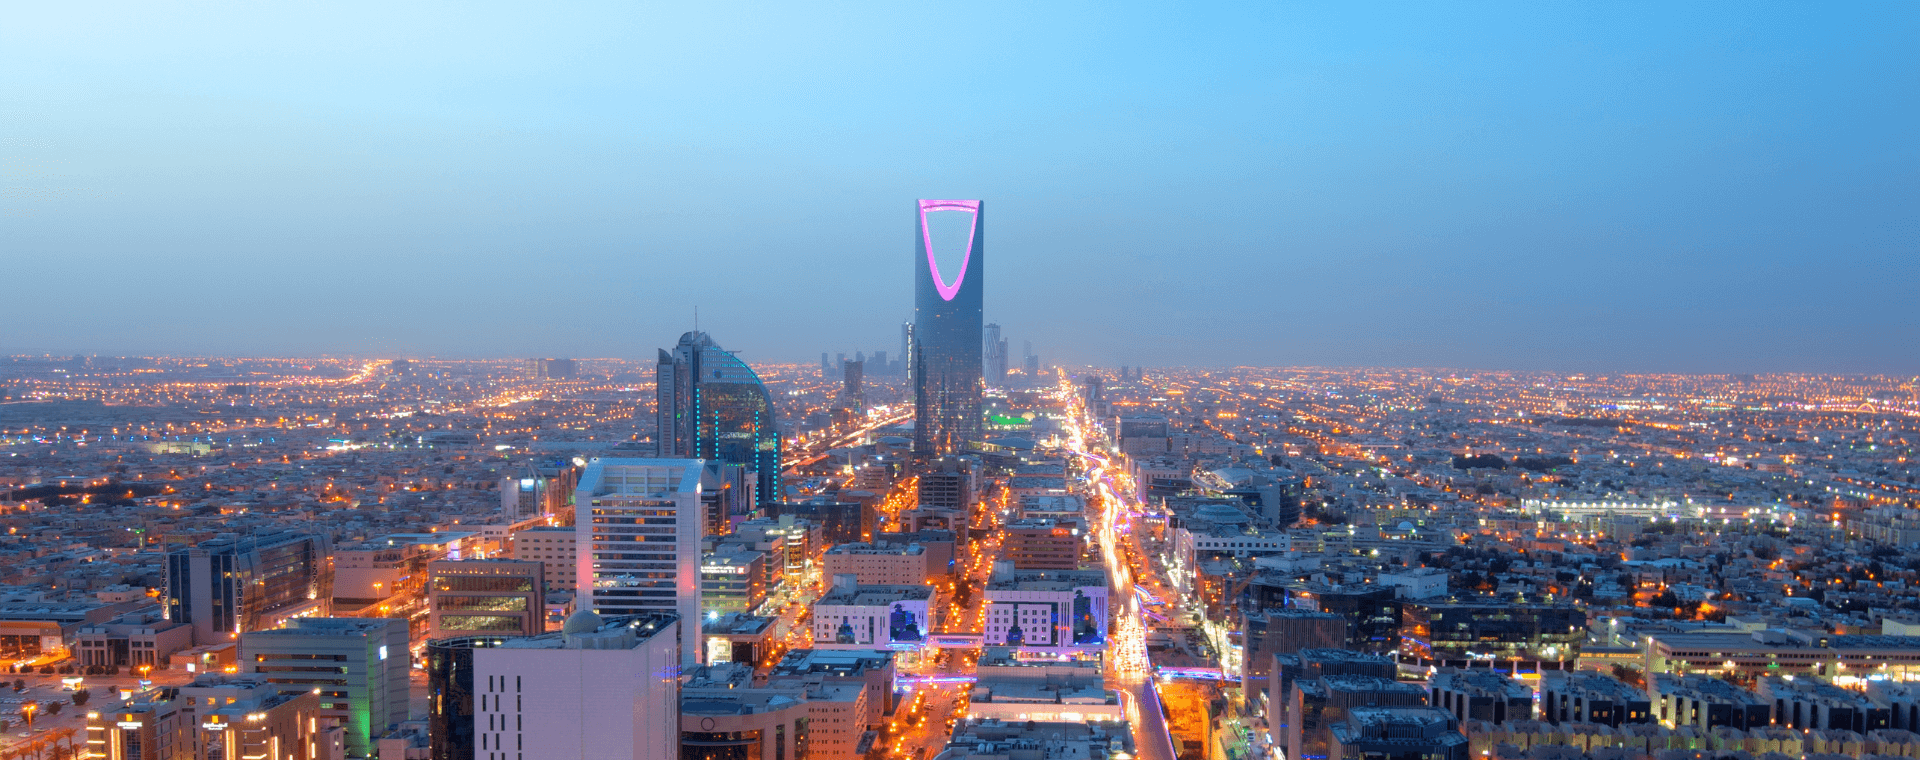 gazt saudi arabia e-invoicing